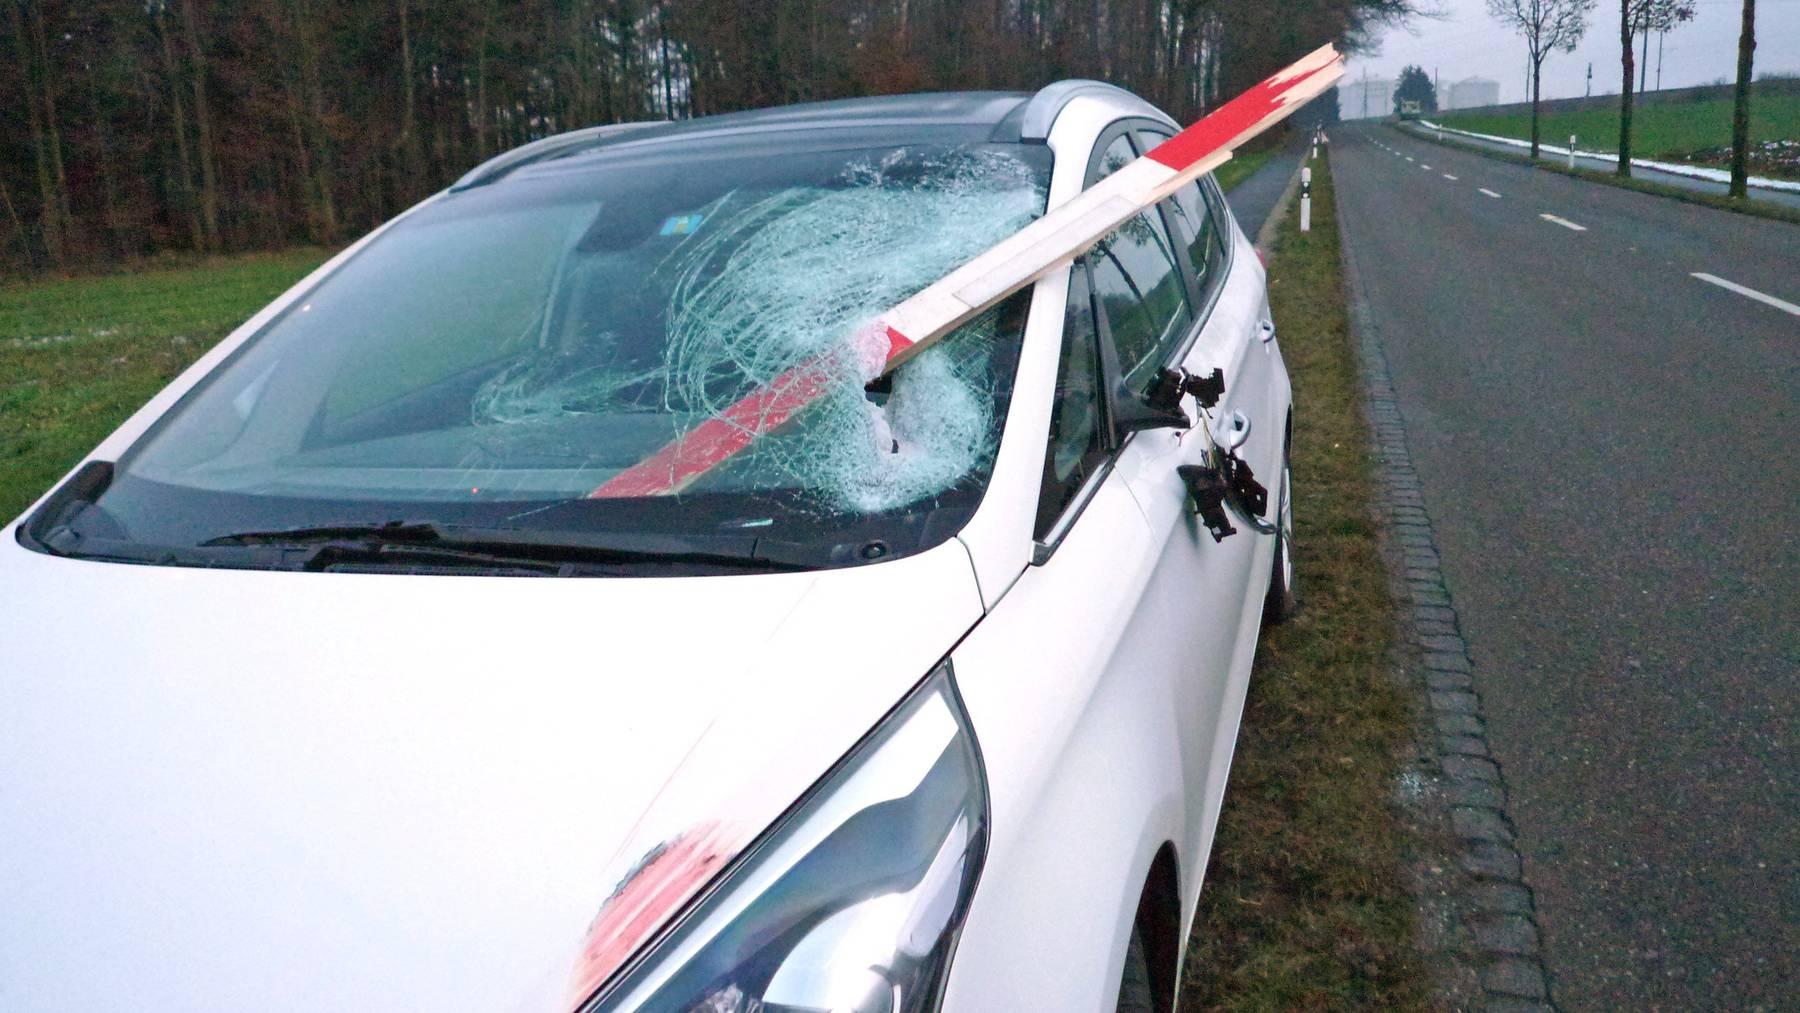 So sah das Auto der Grossmutter und ihrer Enkelin nach der «Durchbohrung» aus.